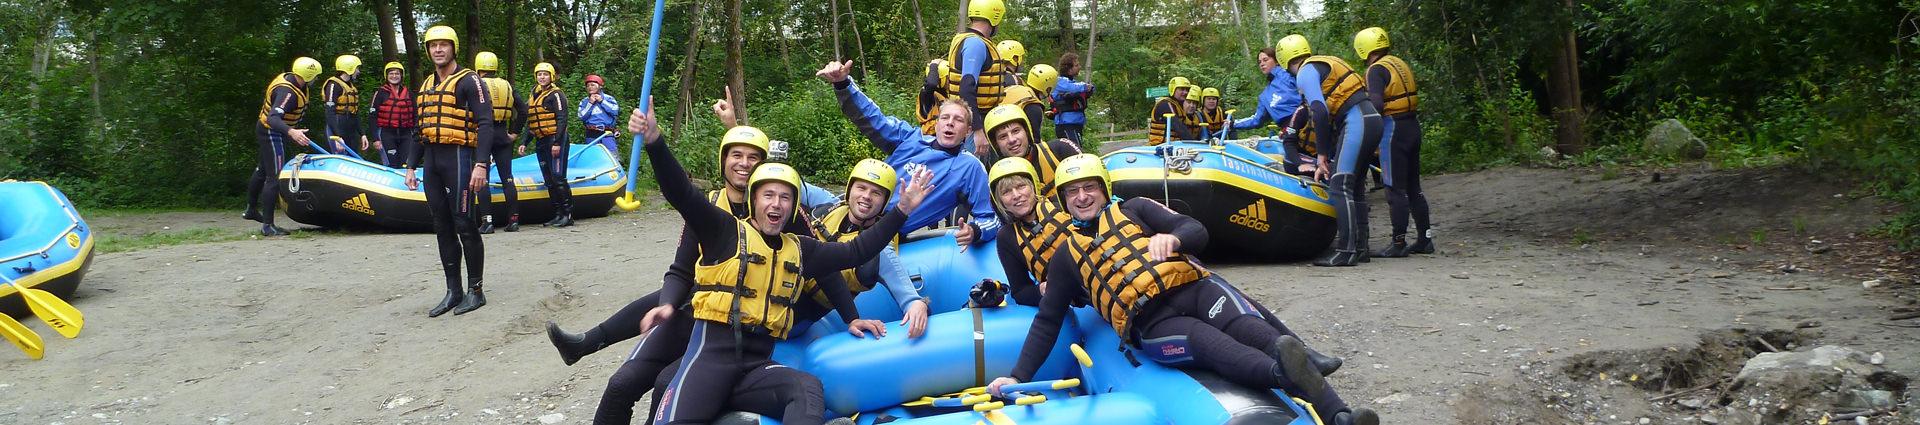 Ideen JGA Rafting